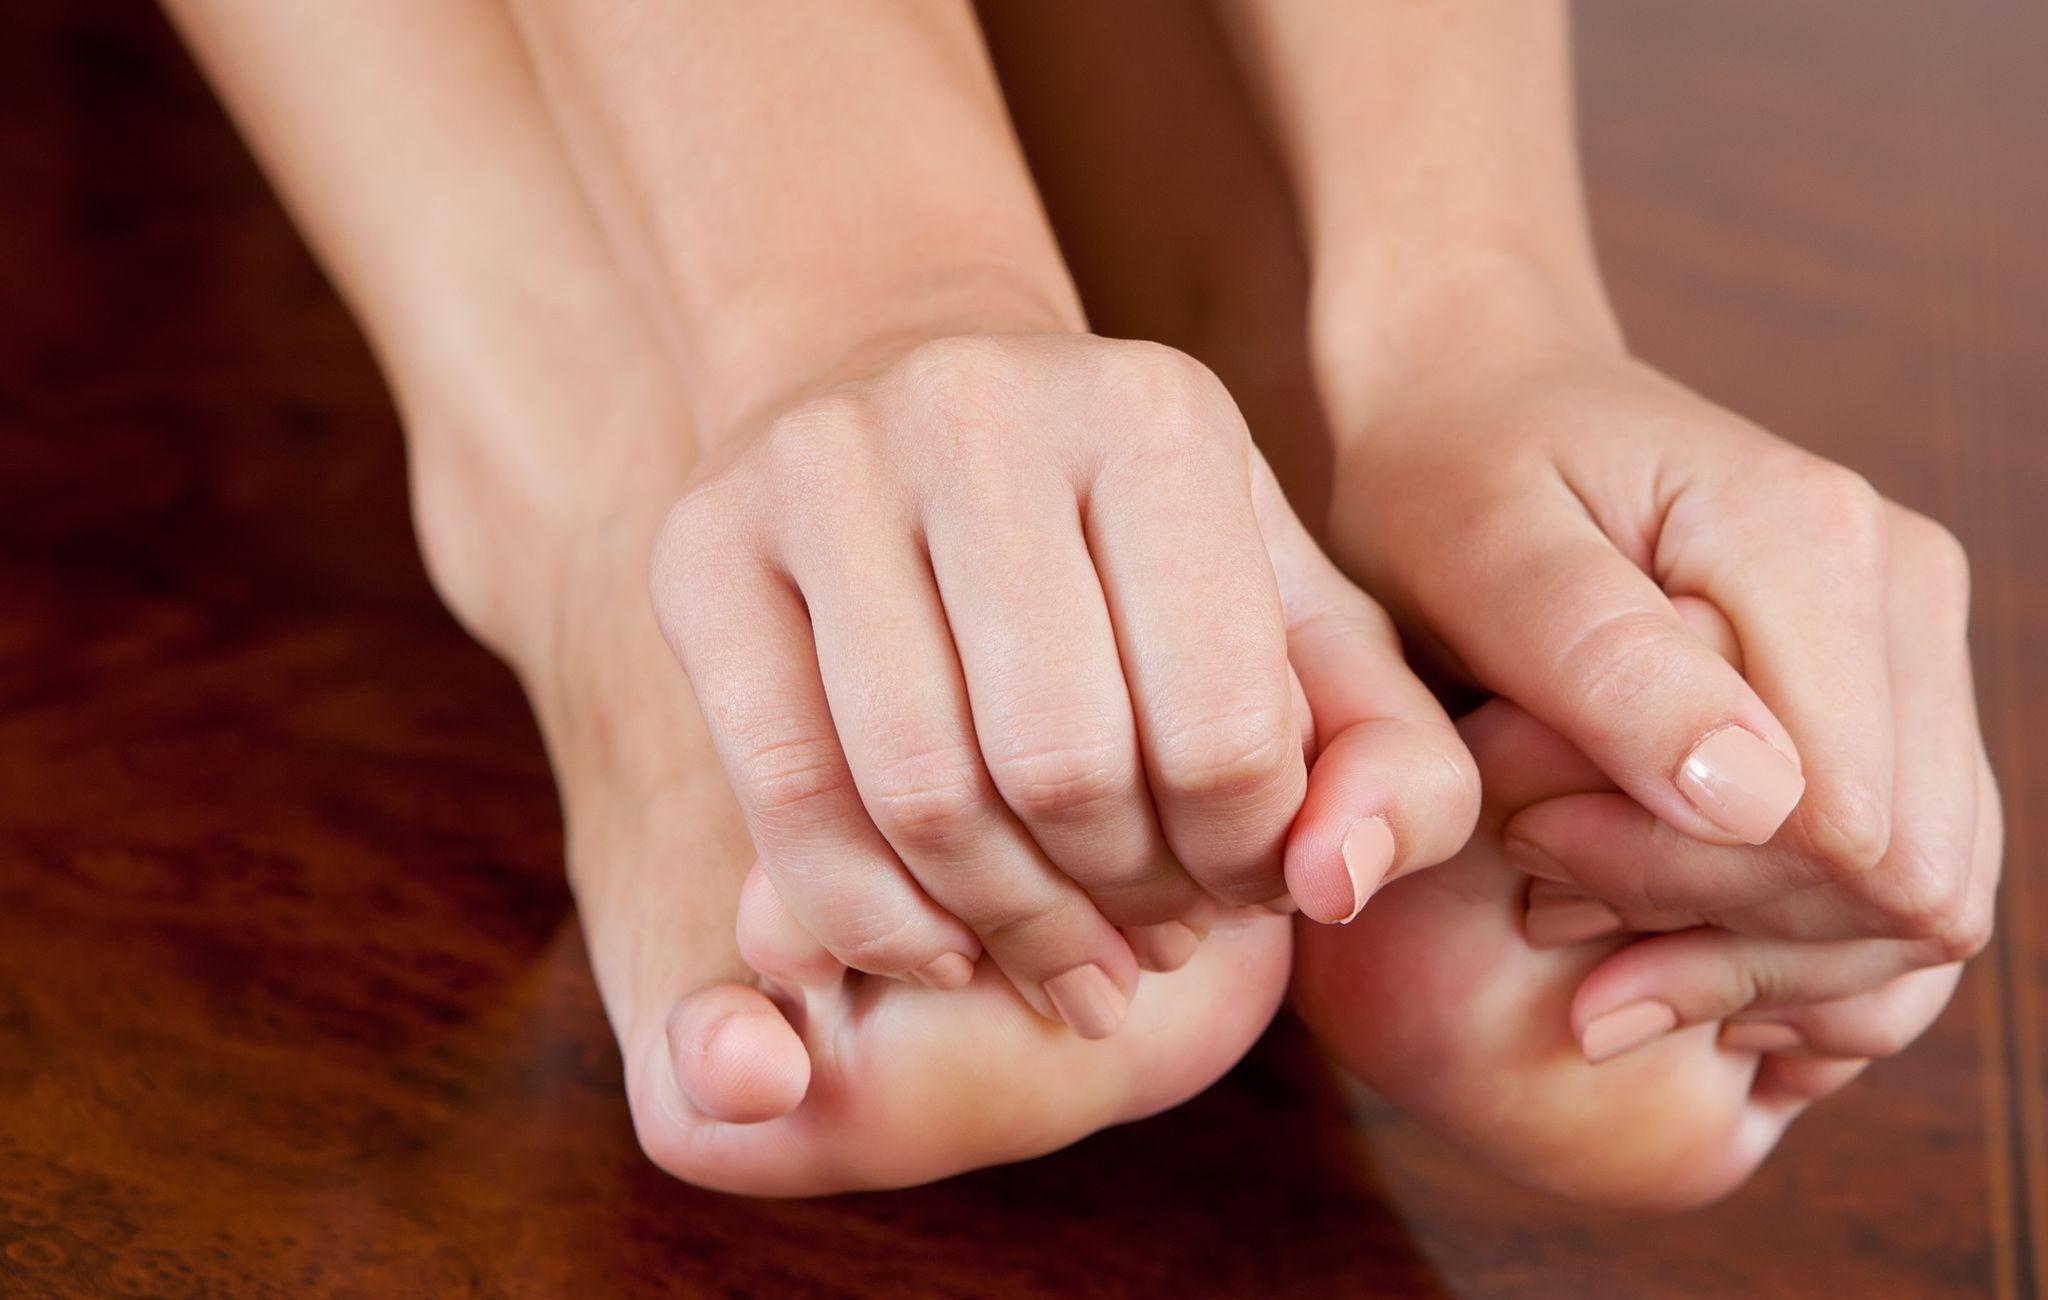 Чешутся ноги и пальцы